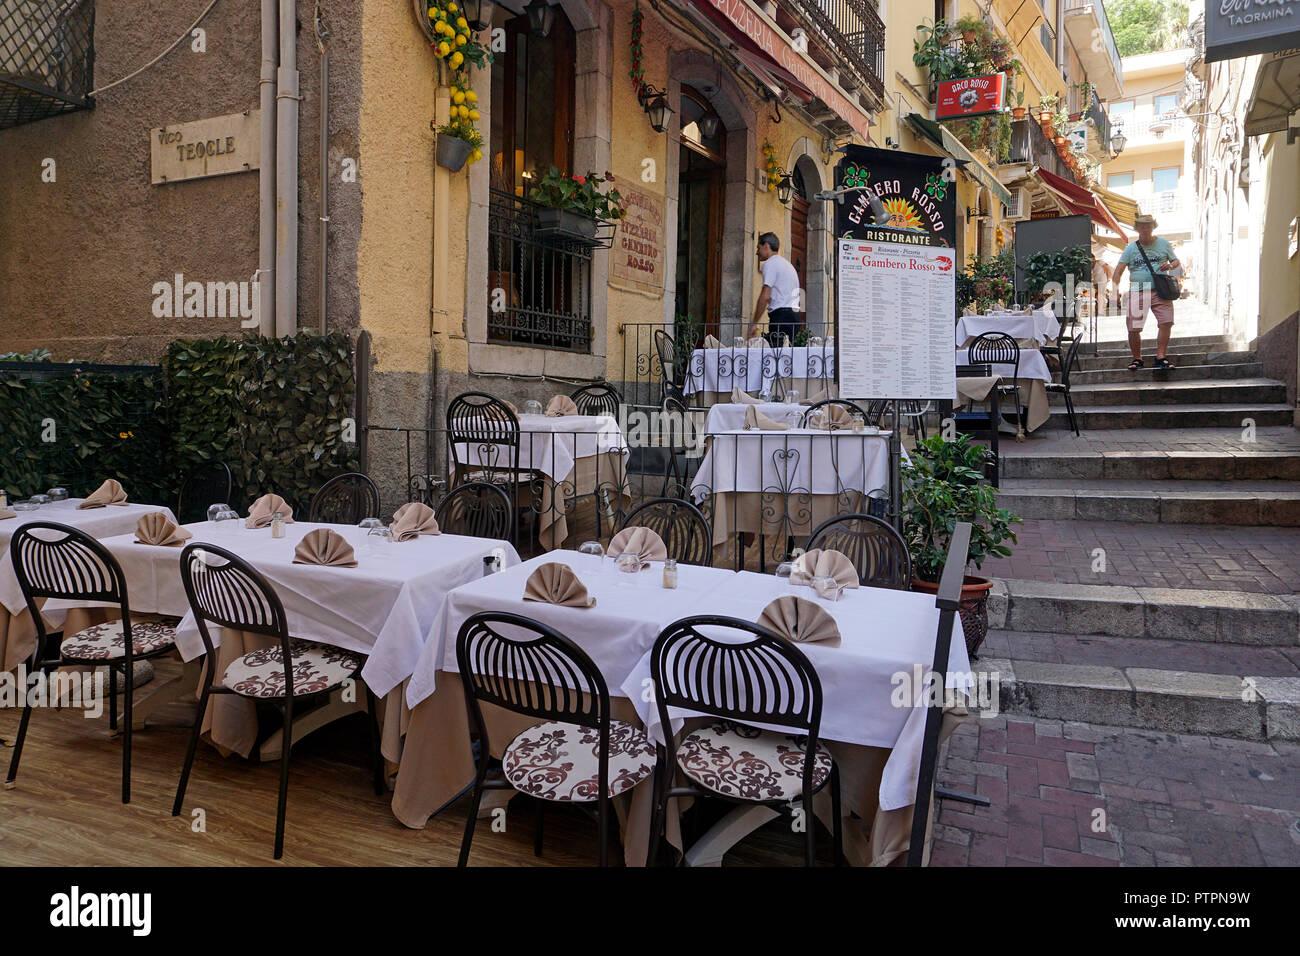 Ristorante idilliaca in un vicolo del centro storico di Taormina, Sicilia, Italia Foto Stock